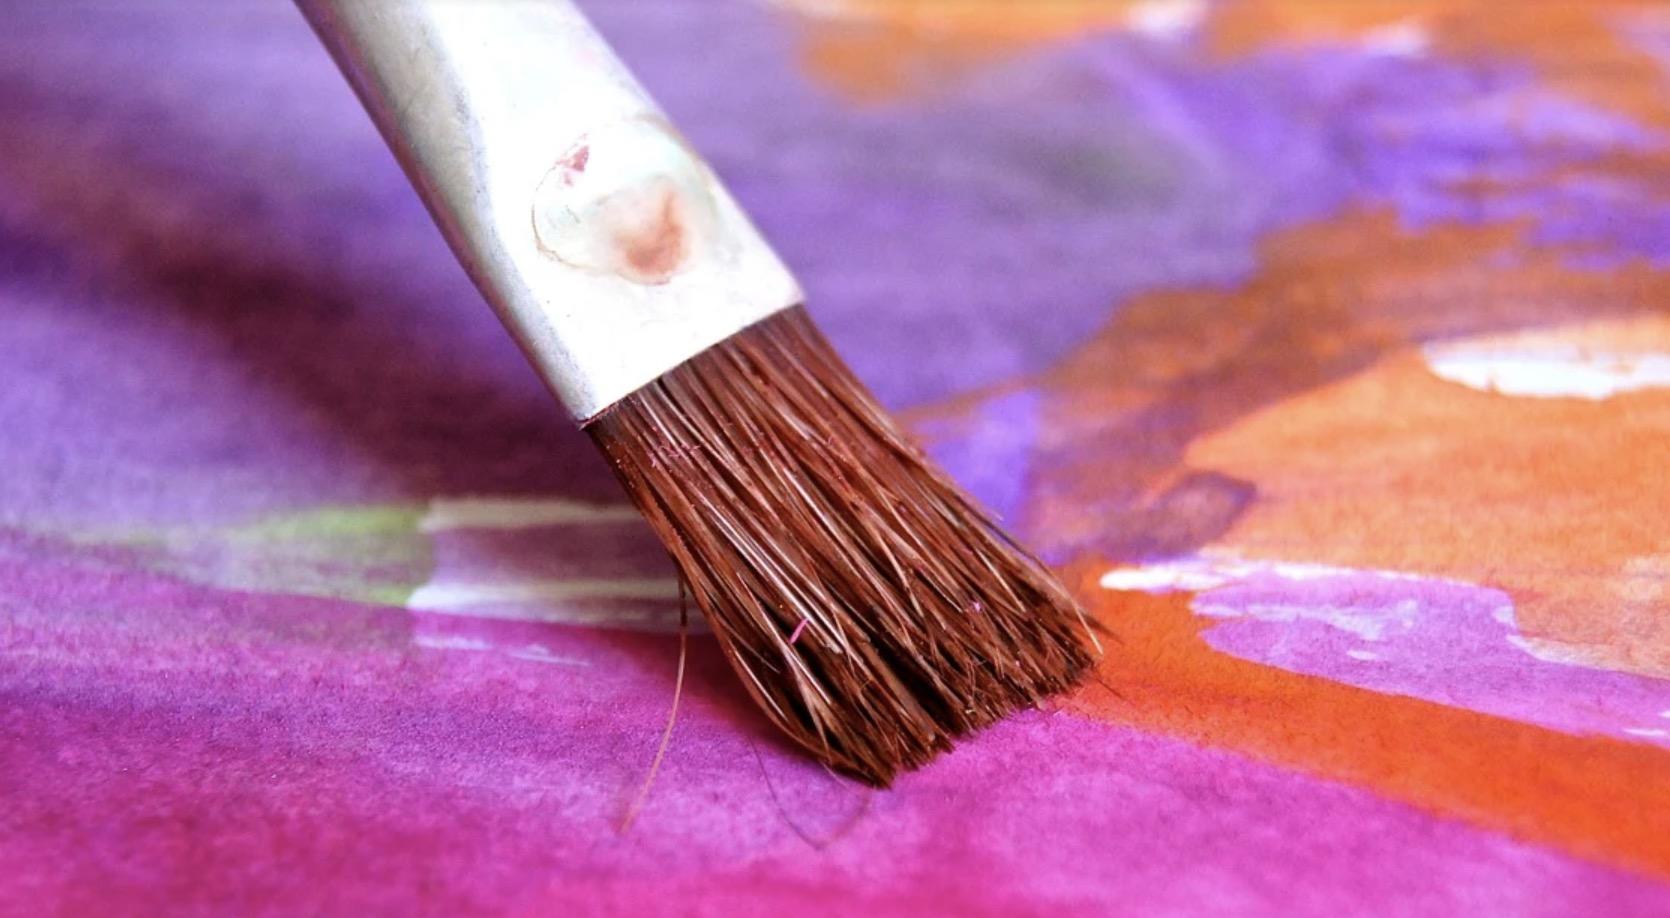 Peut-on restaurer des tableaux avec de la salive ? - Ça m'intéresse